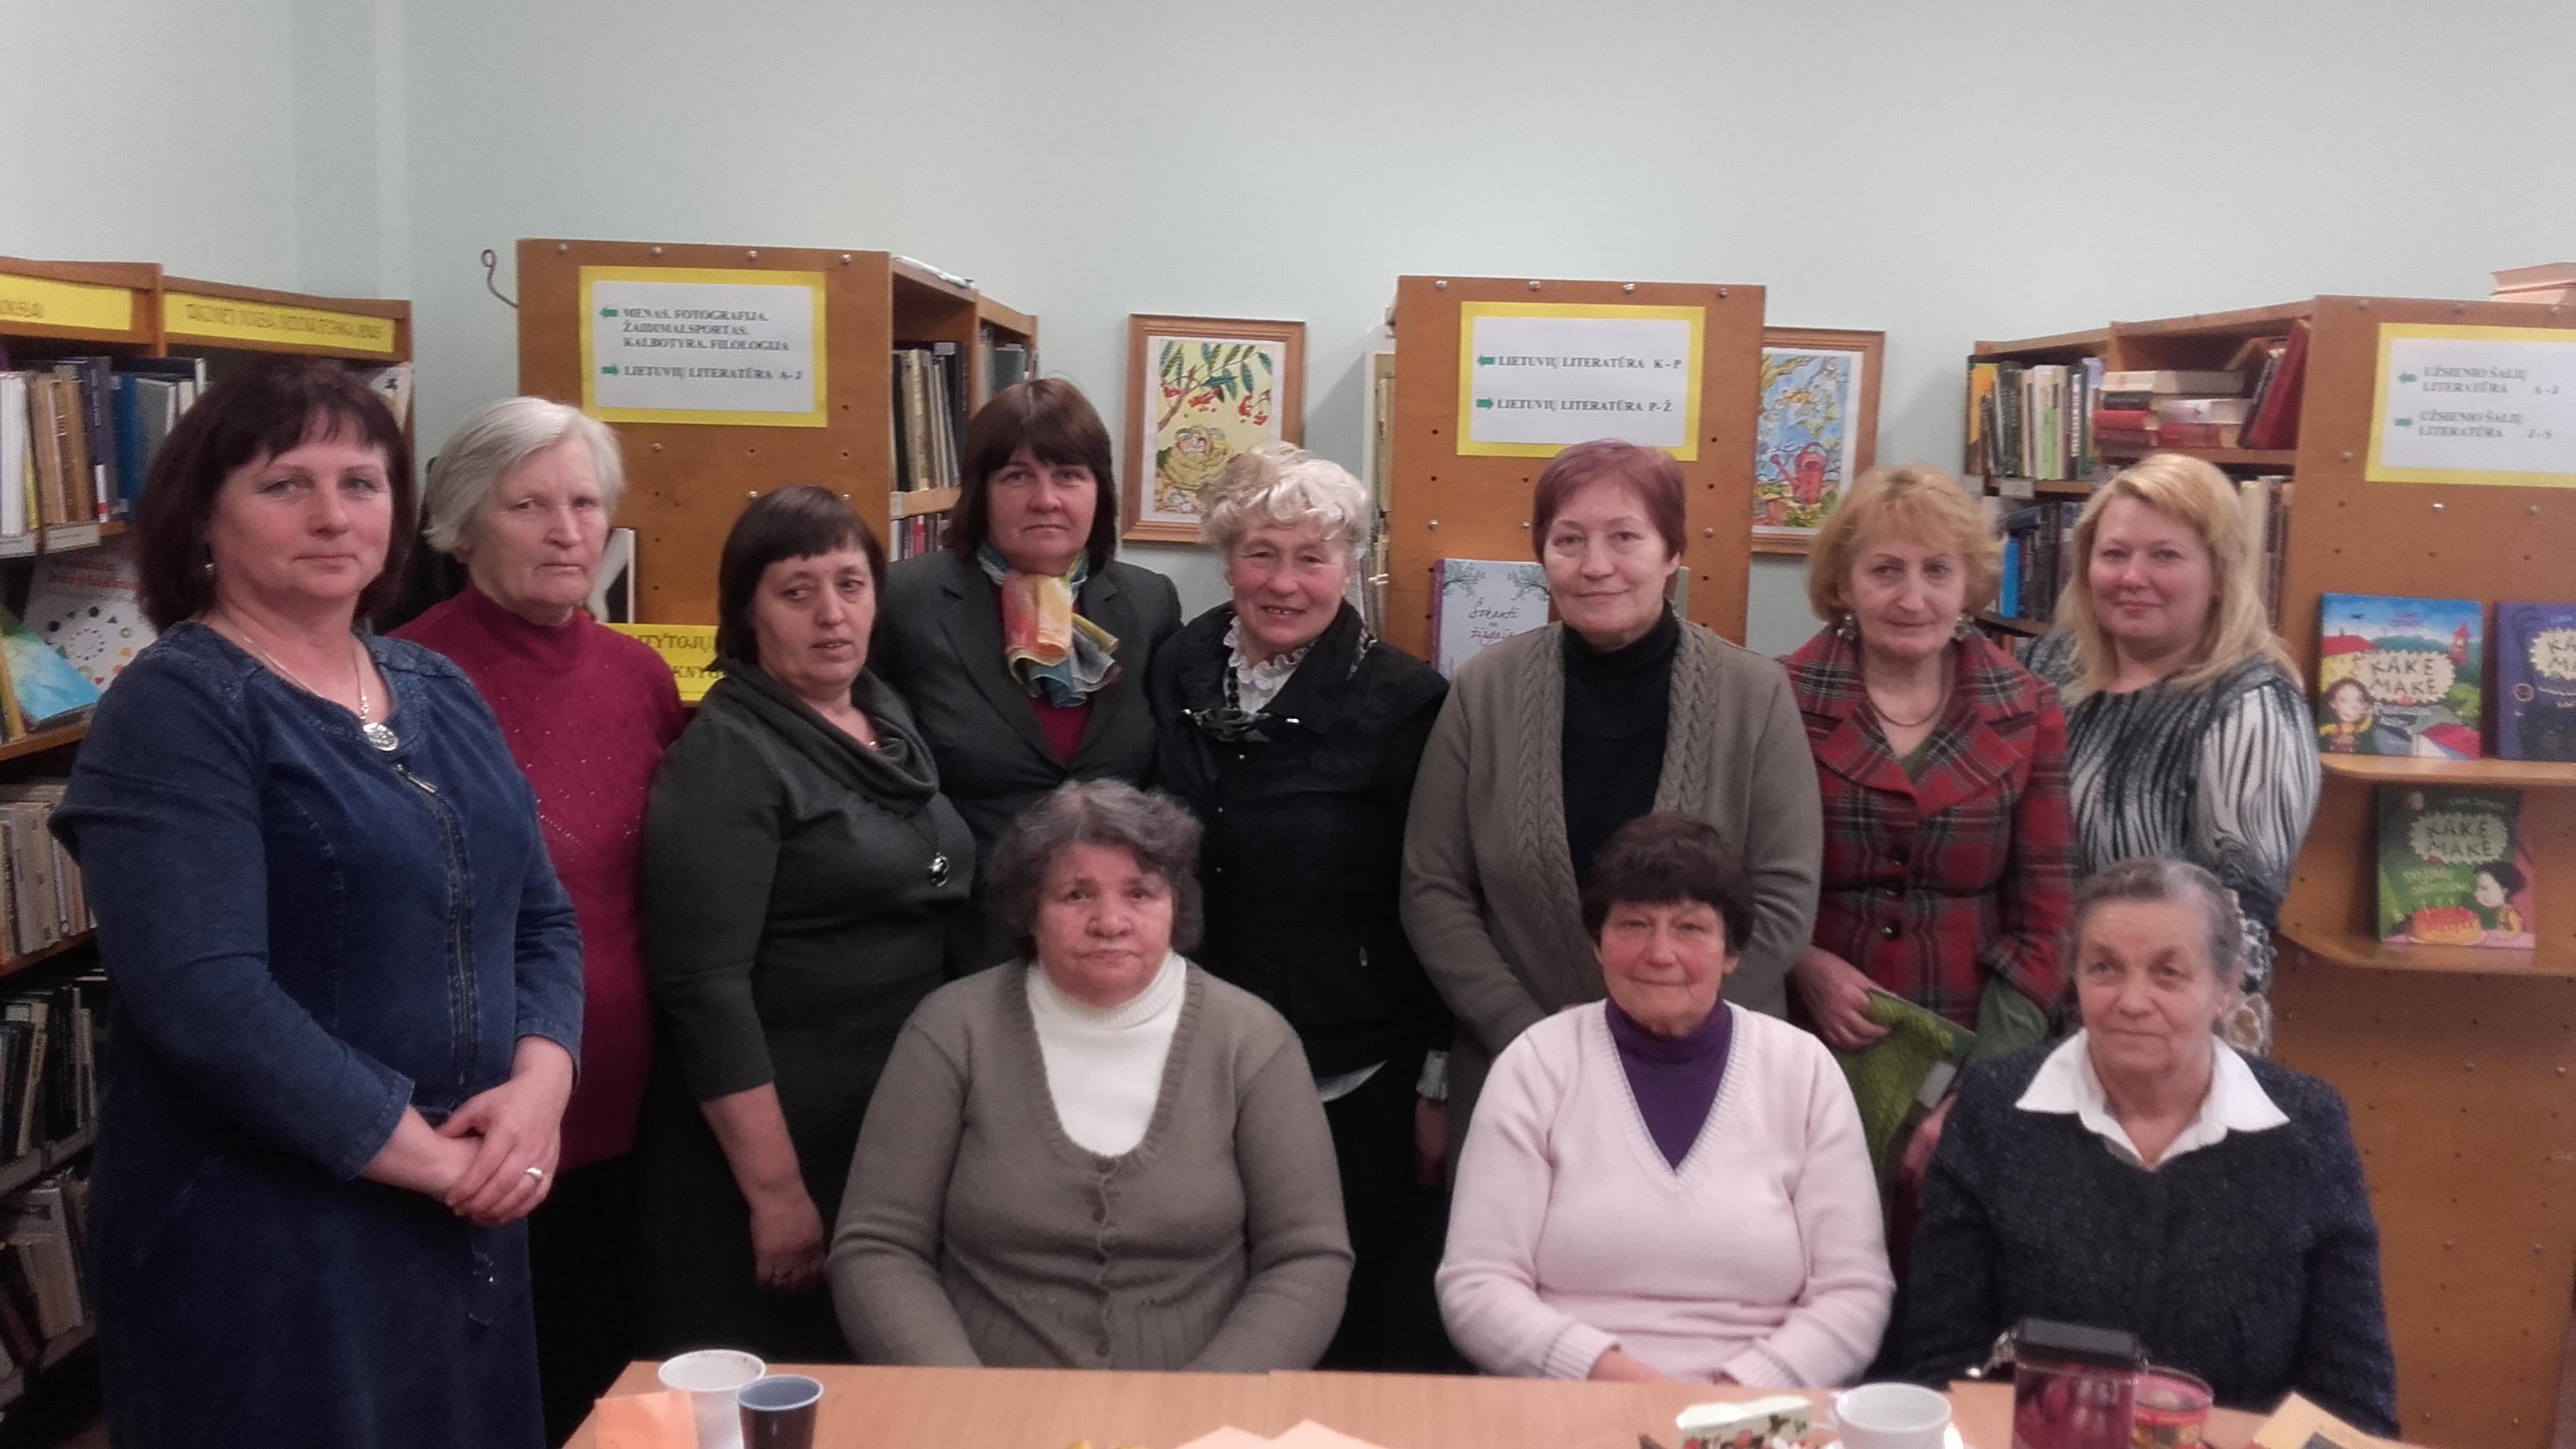 2016-ieji Bibliotekų ir Vietos bendruomenių metai Pastrėvyje